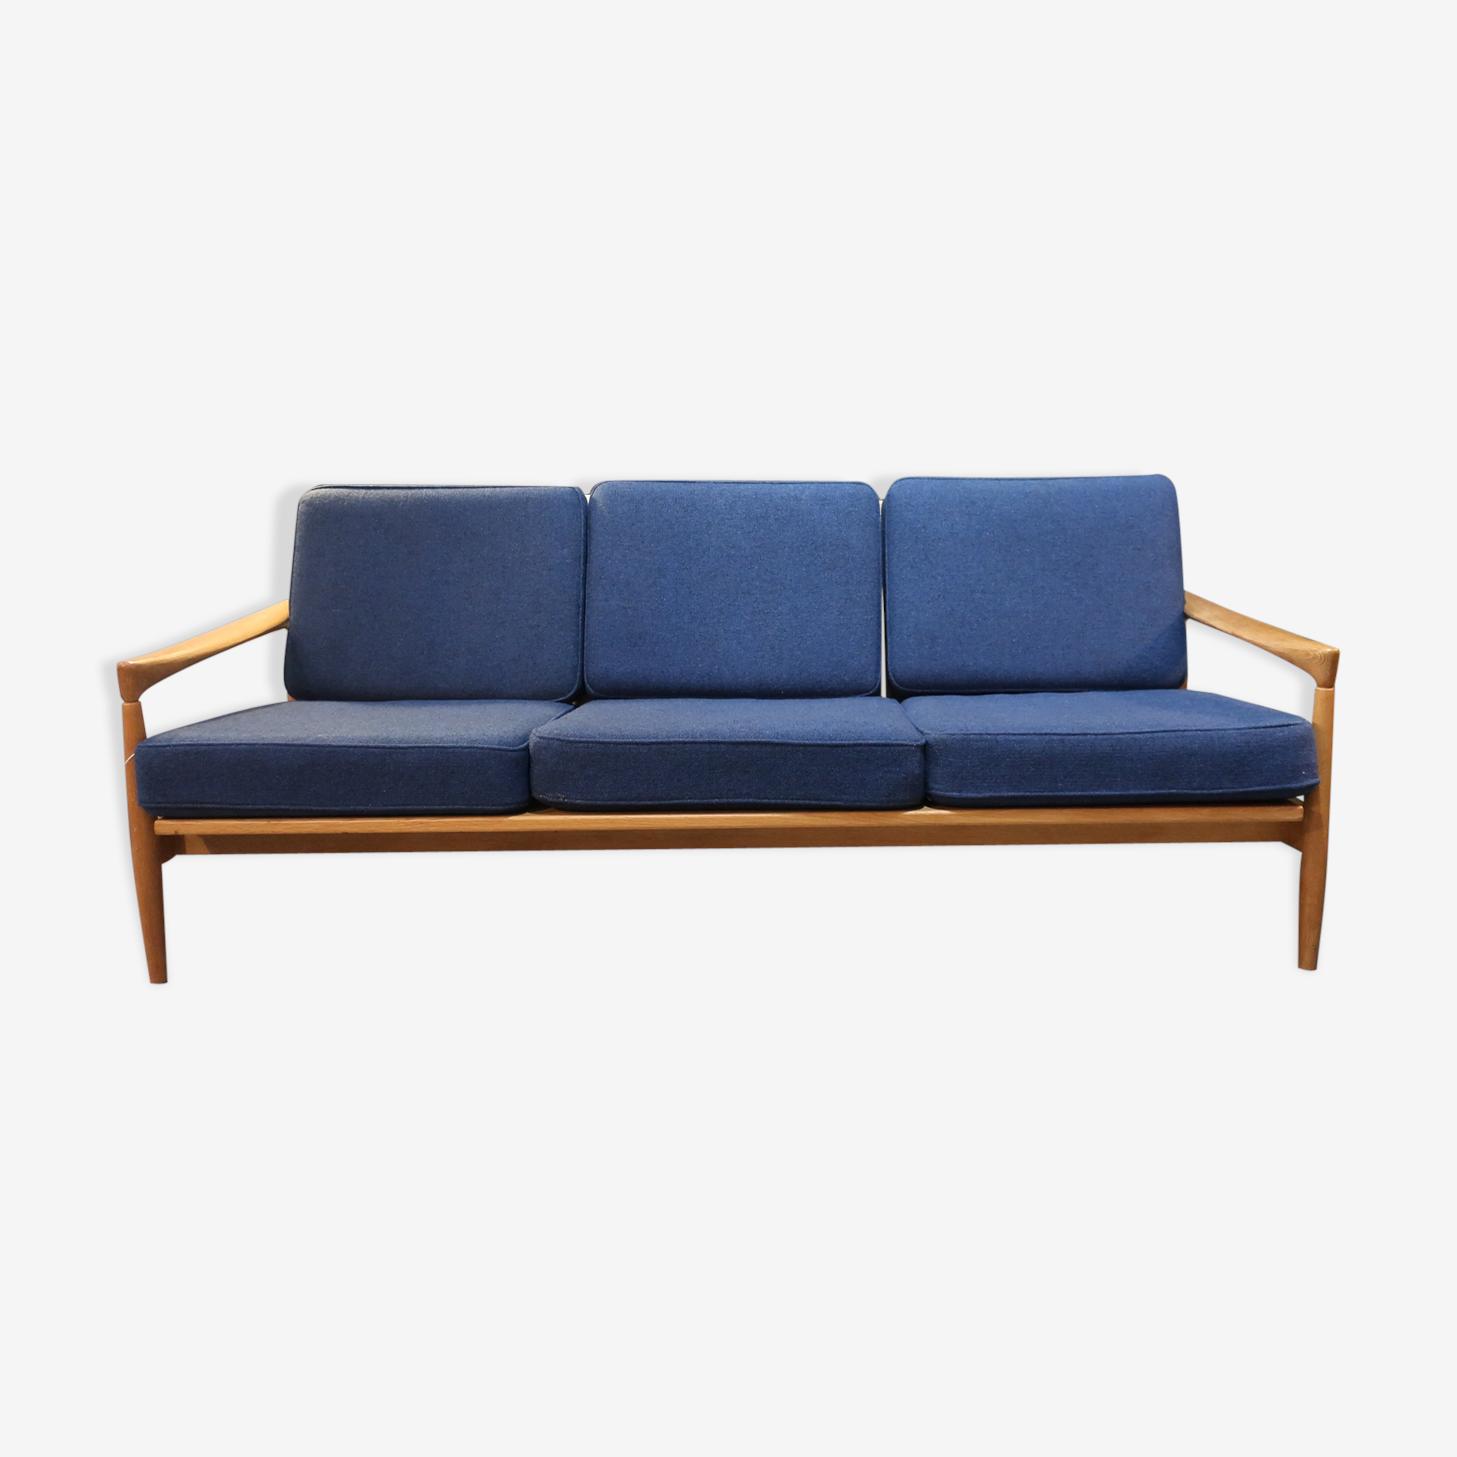 60s Danish sofa